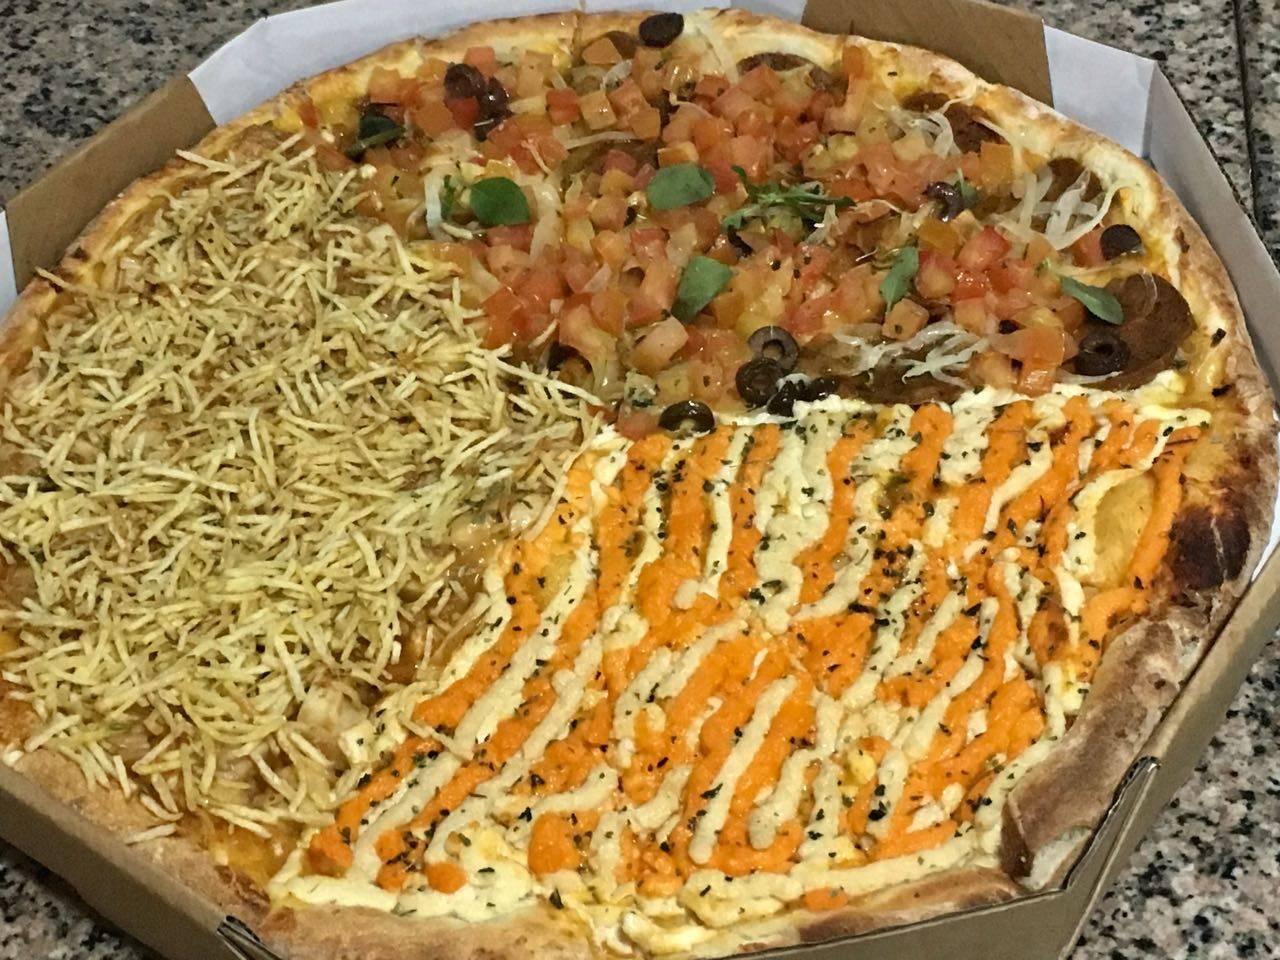 Pizza vegana de três sabores da Lupertine. Foto: Divulgação